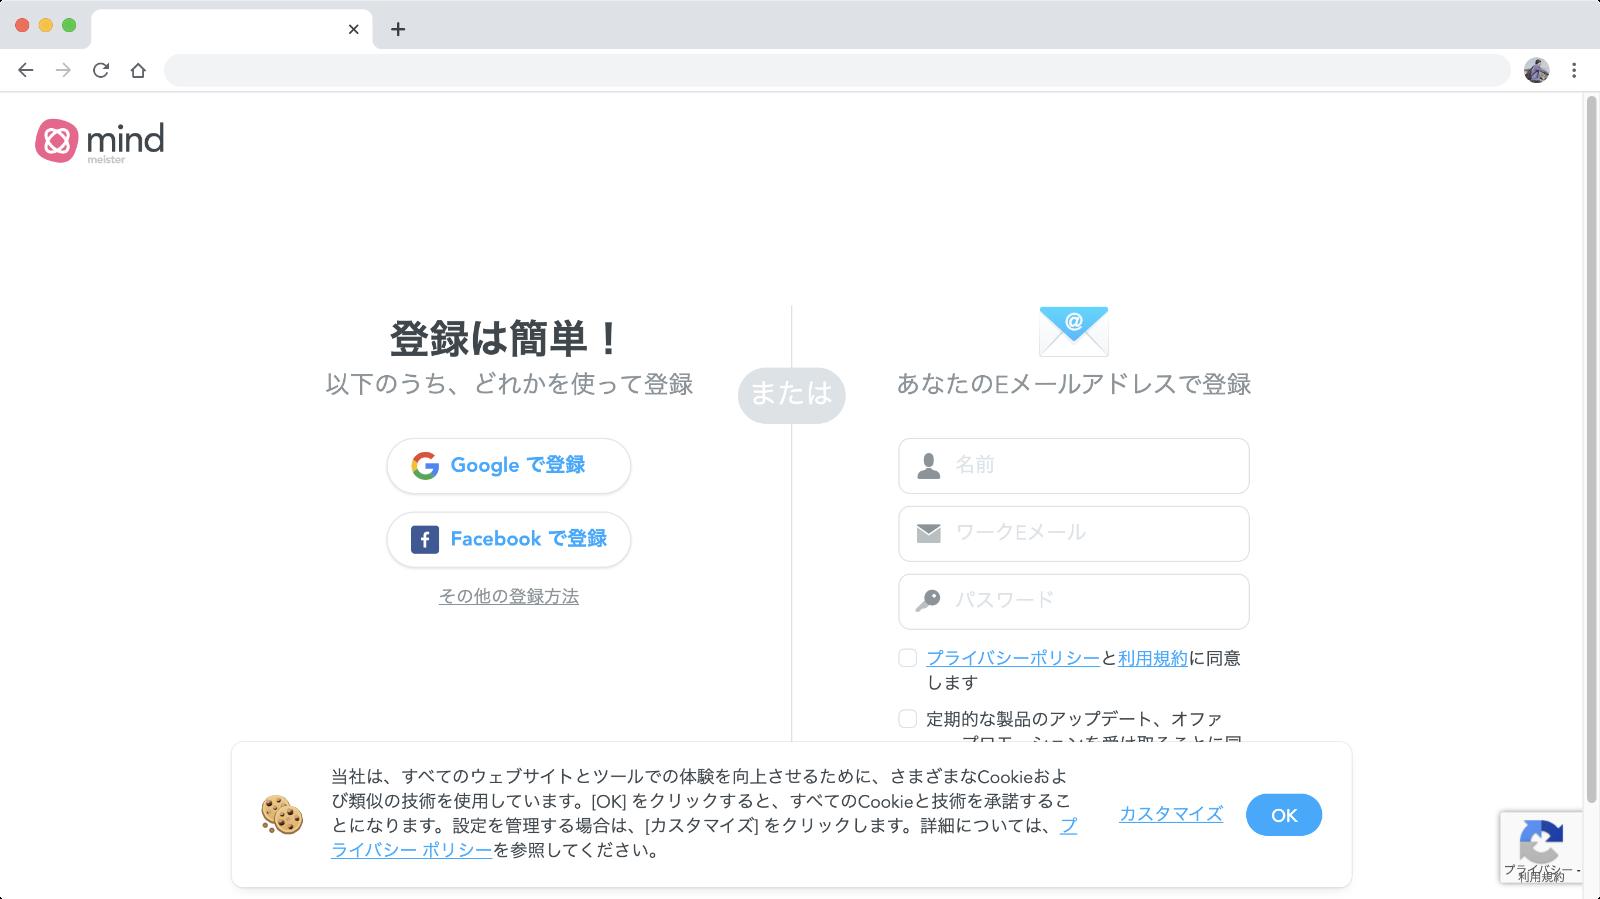 ユーザー登録はGoogleで登録などもできて簡単